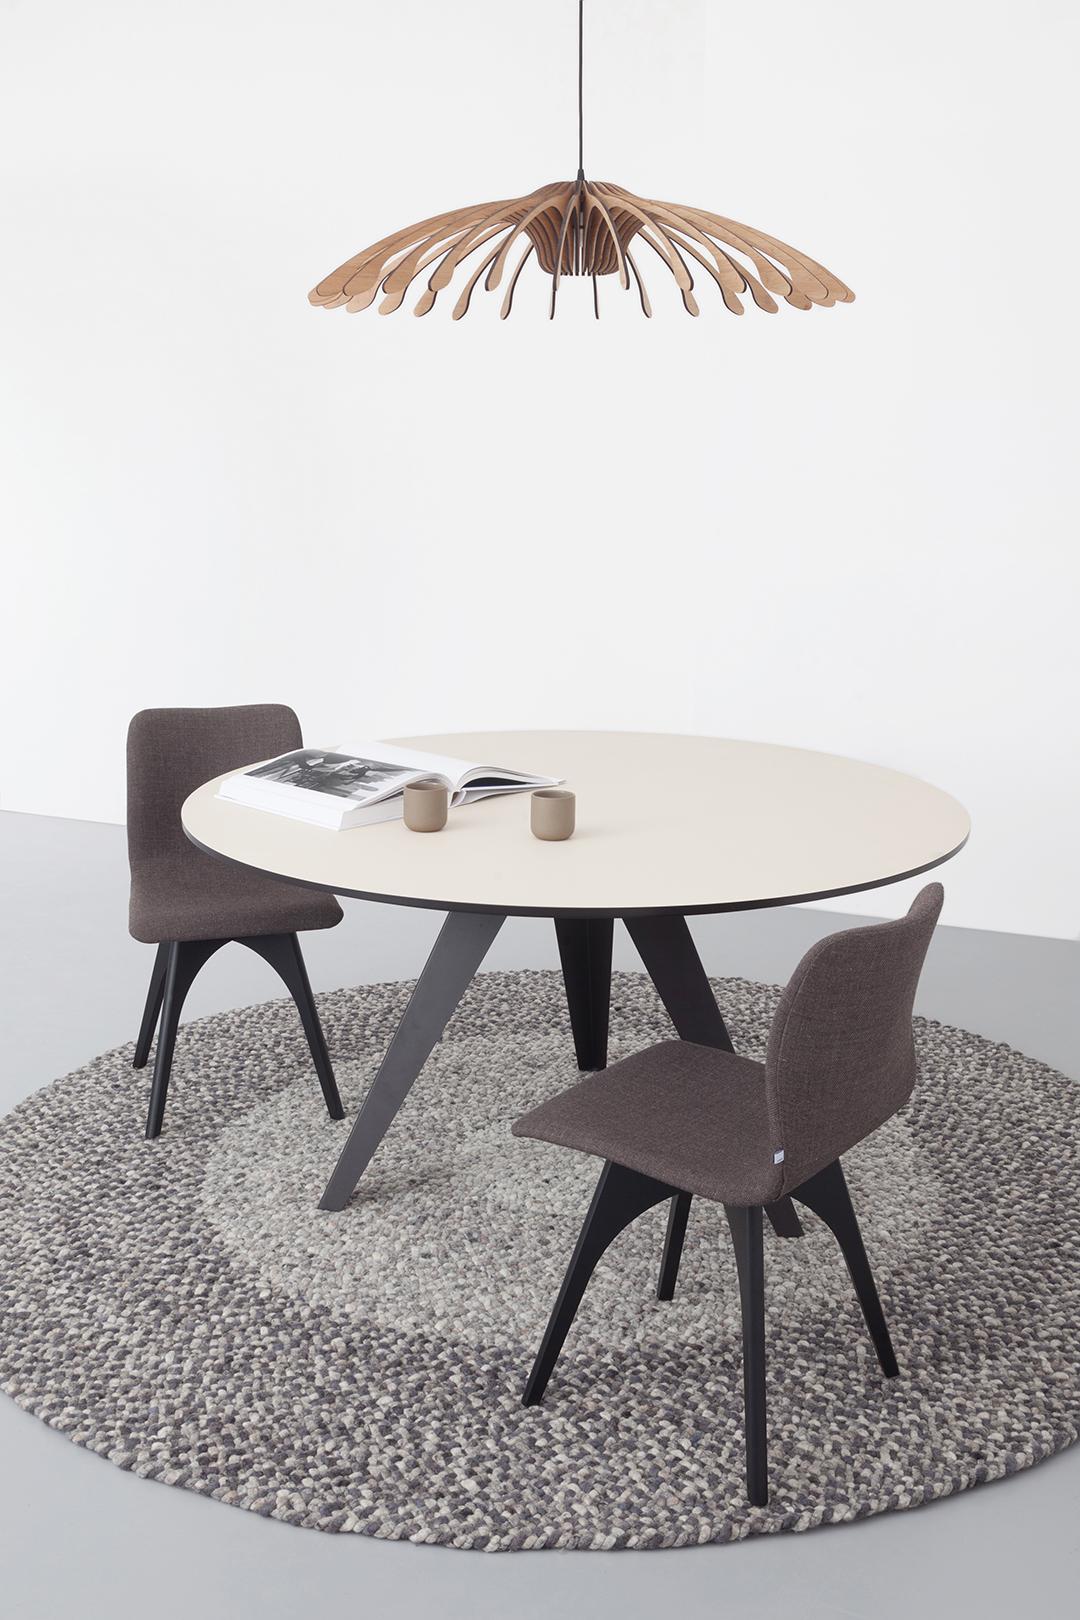 Verkoop Witte Ronde Eettafel.Ronde Eettafel Belly L Kees Marcelis L Odesi Your Dutch Design